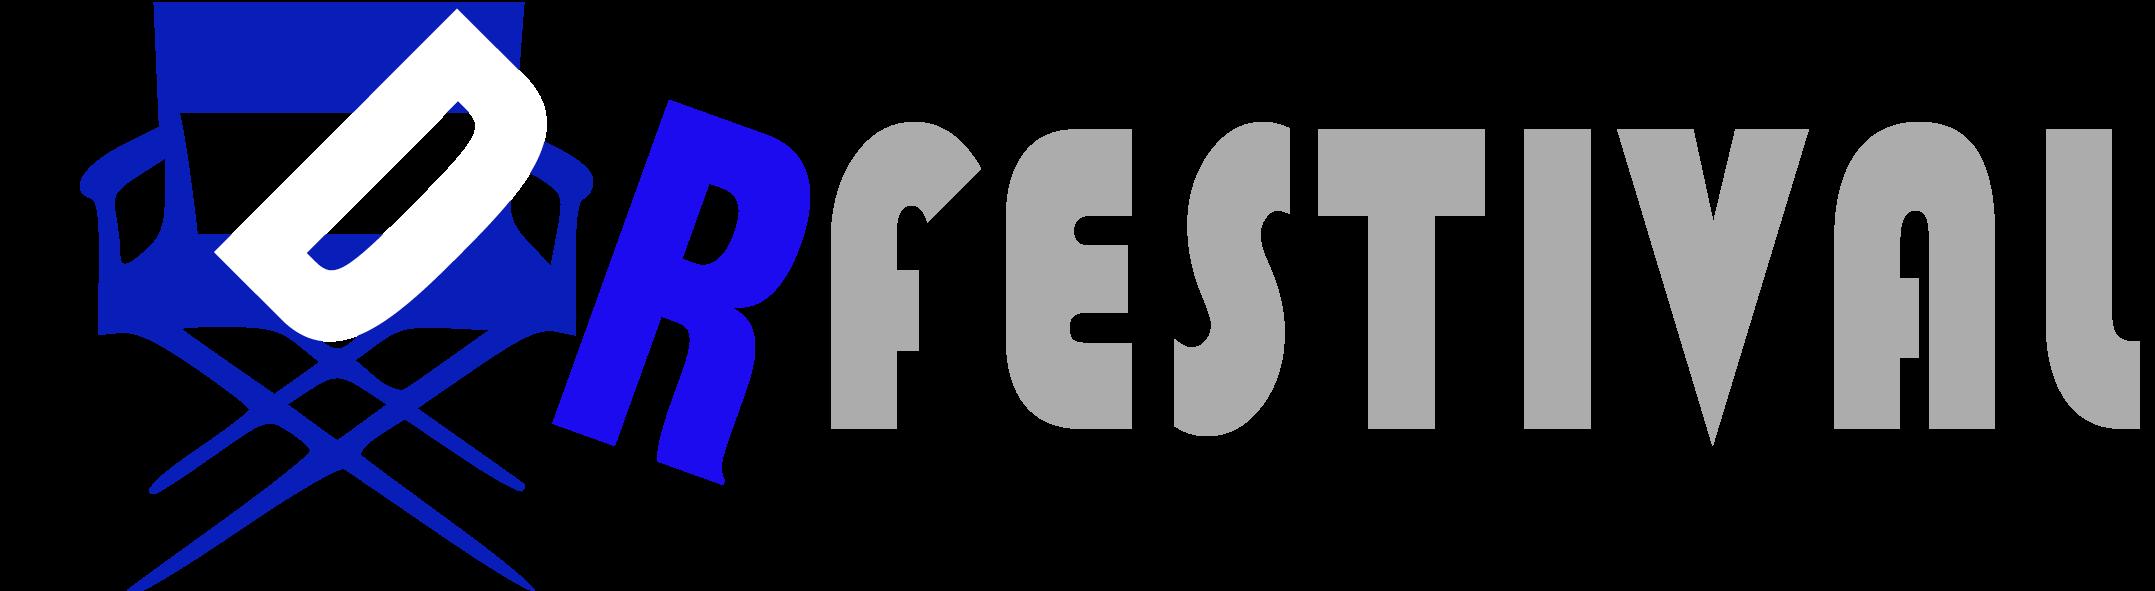 DOMREPFILM FESTIVAL – MICD